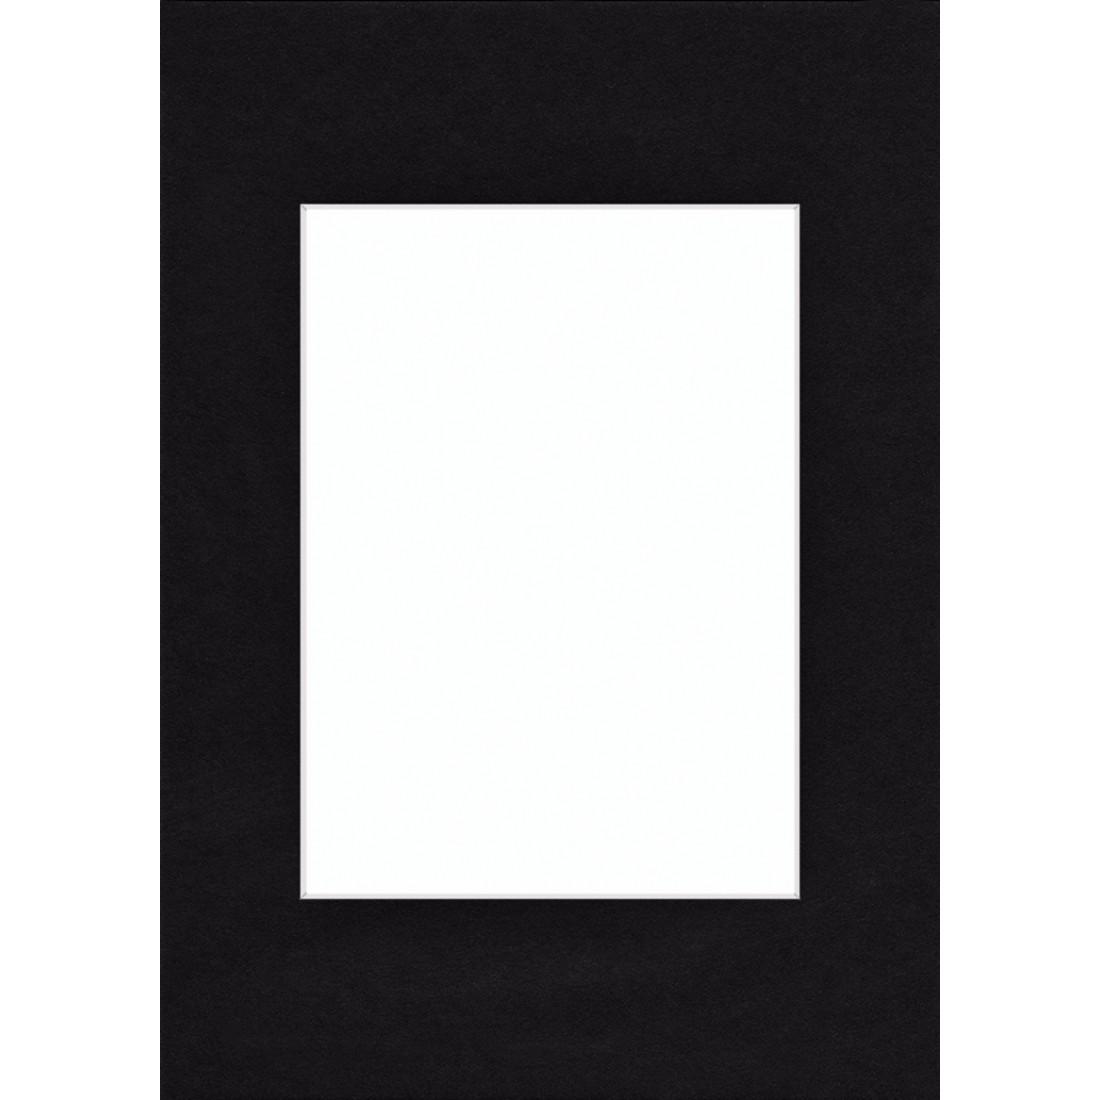 00063415 Hama Premium Passepartout, Smooth Black, 30 x 40 cm | hama.com